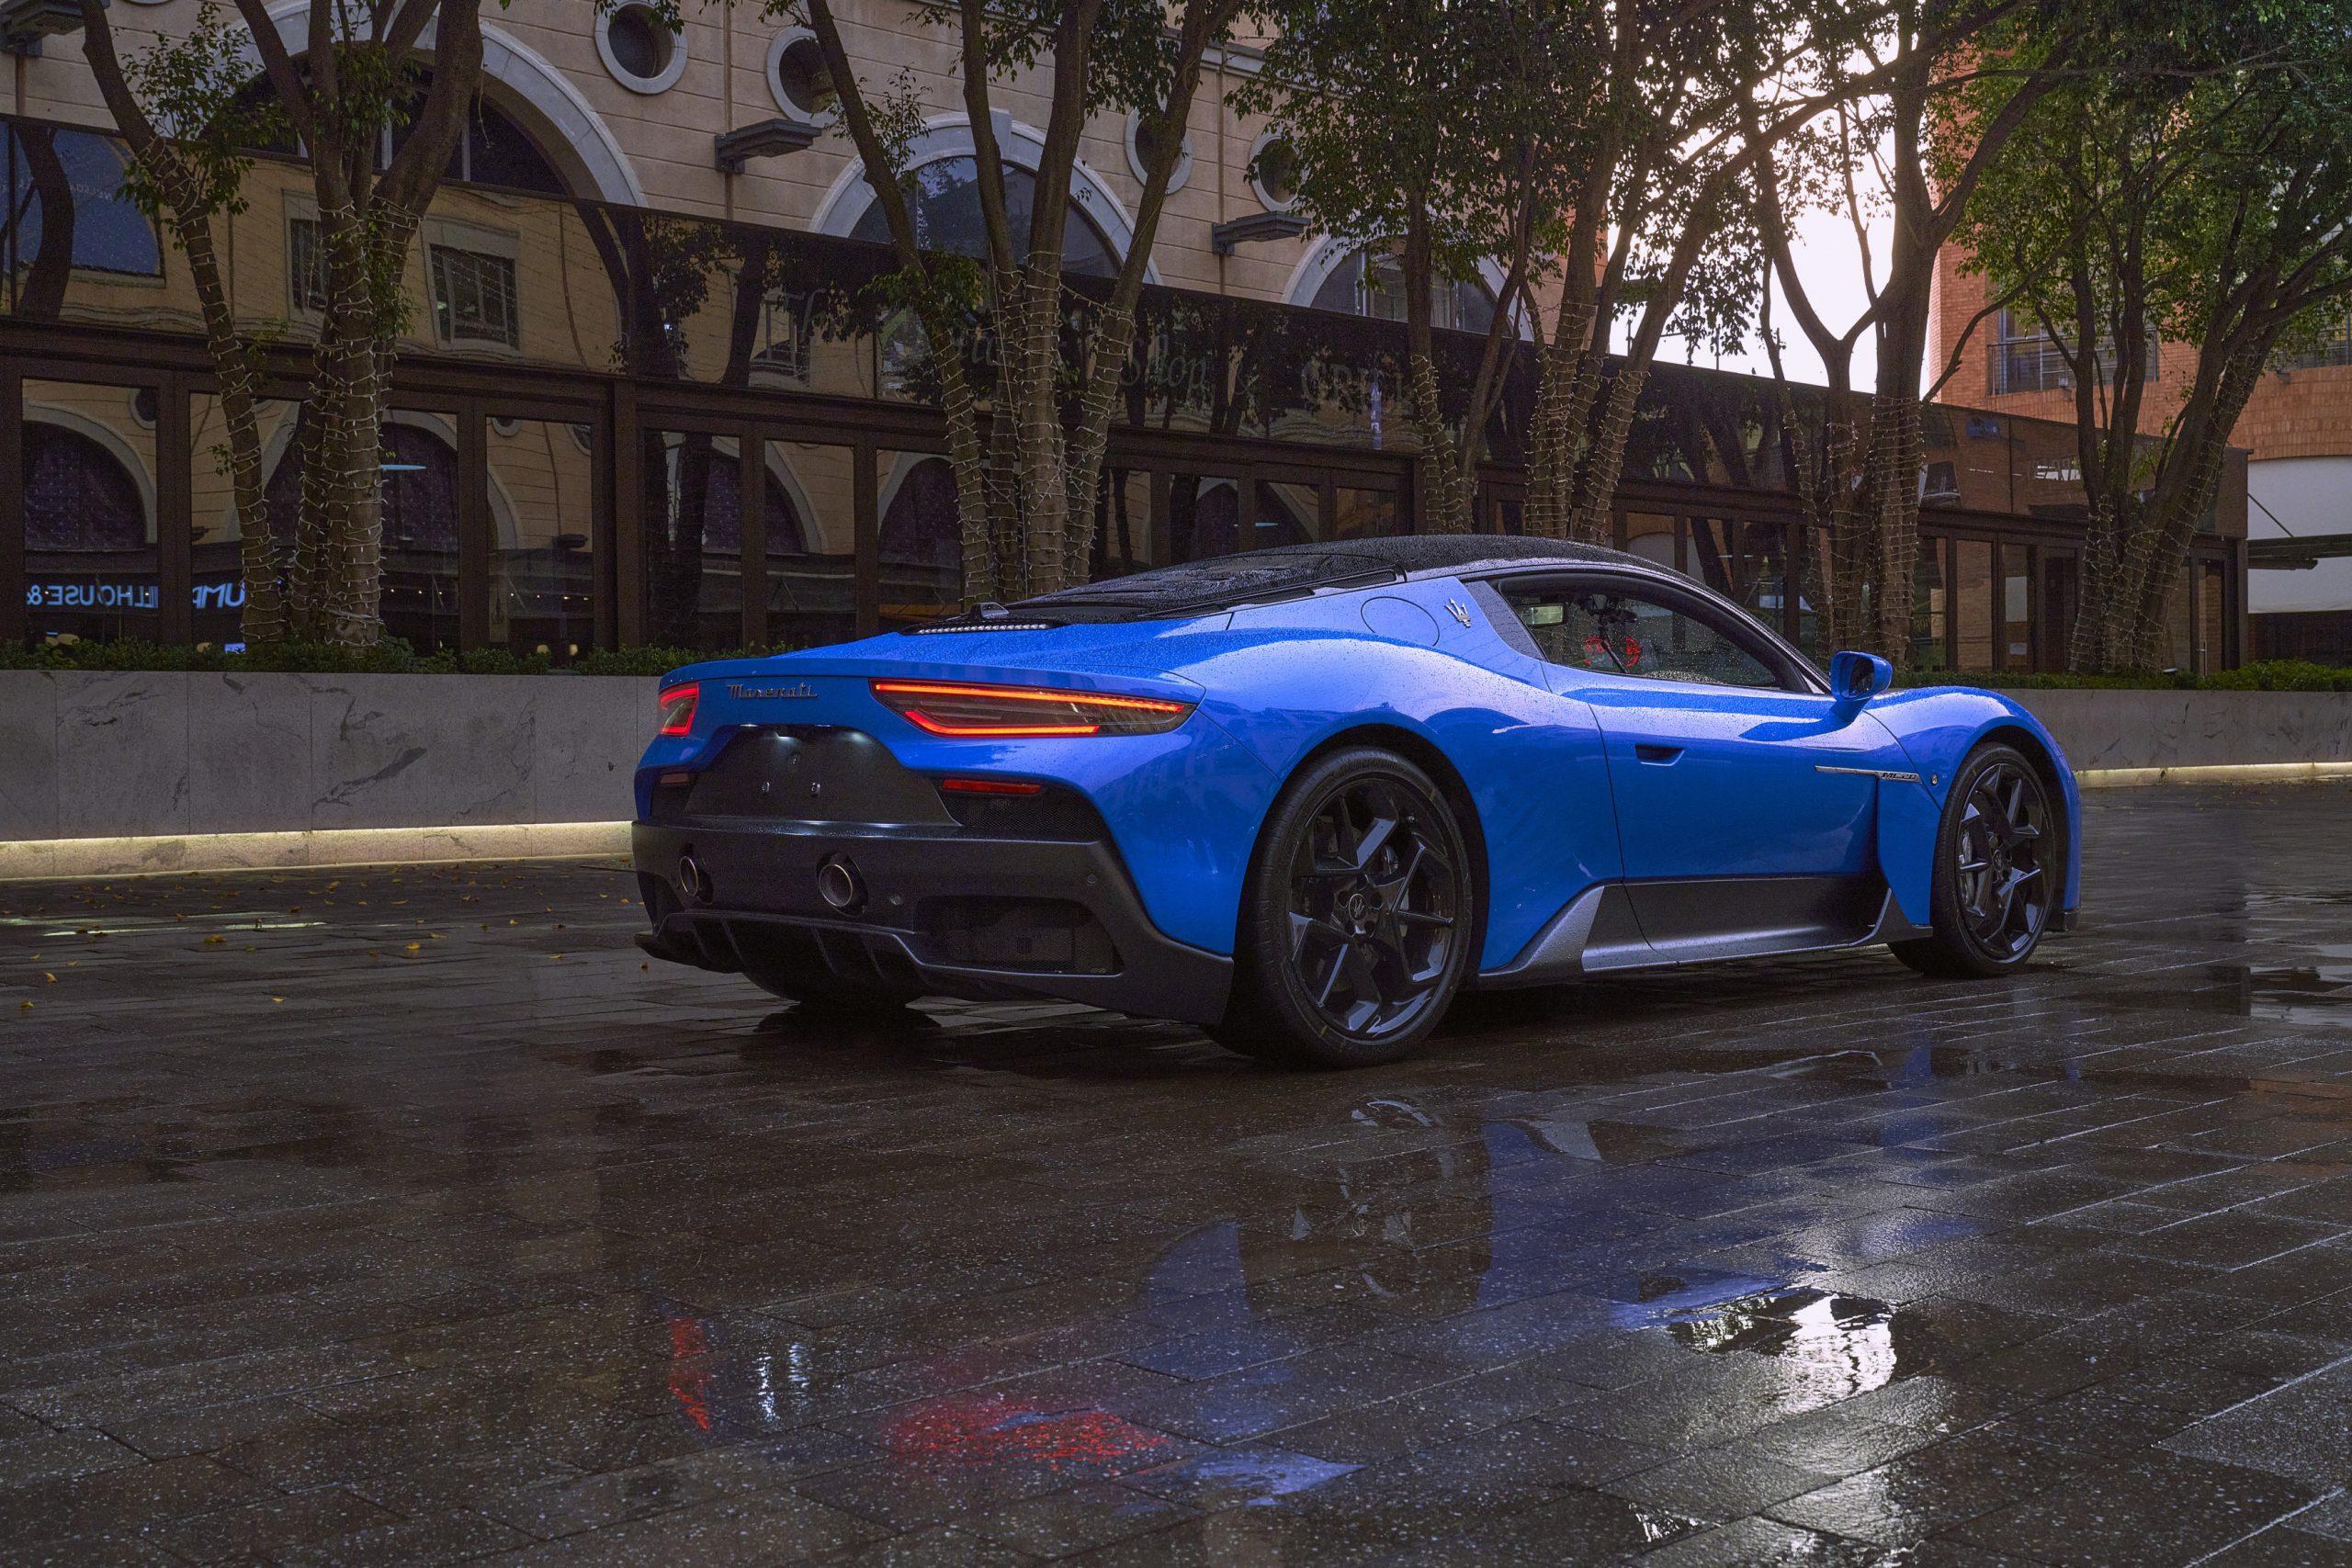 Maserati MC20 has finally reached SA shores